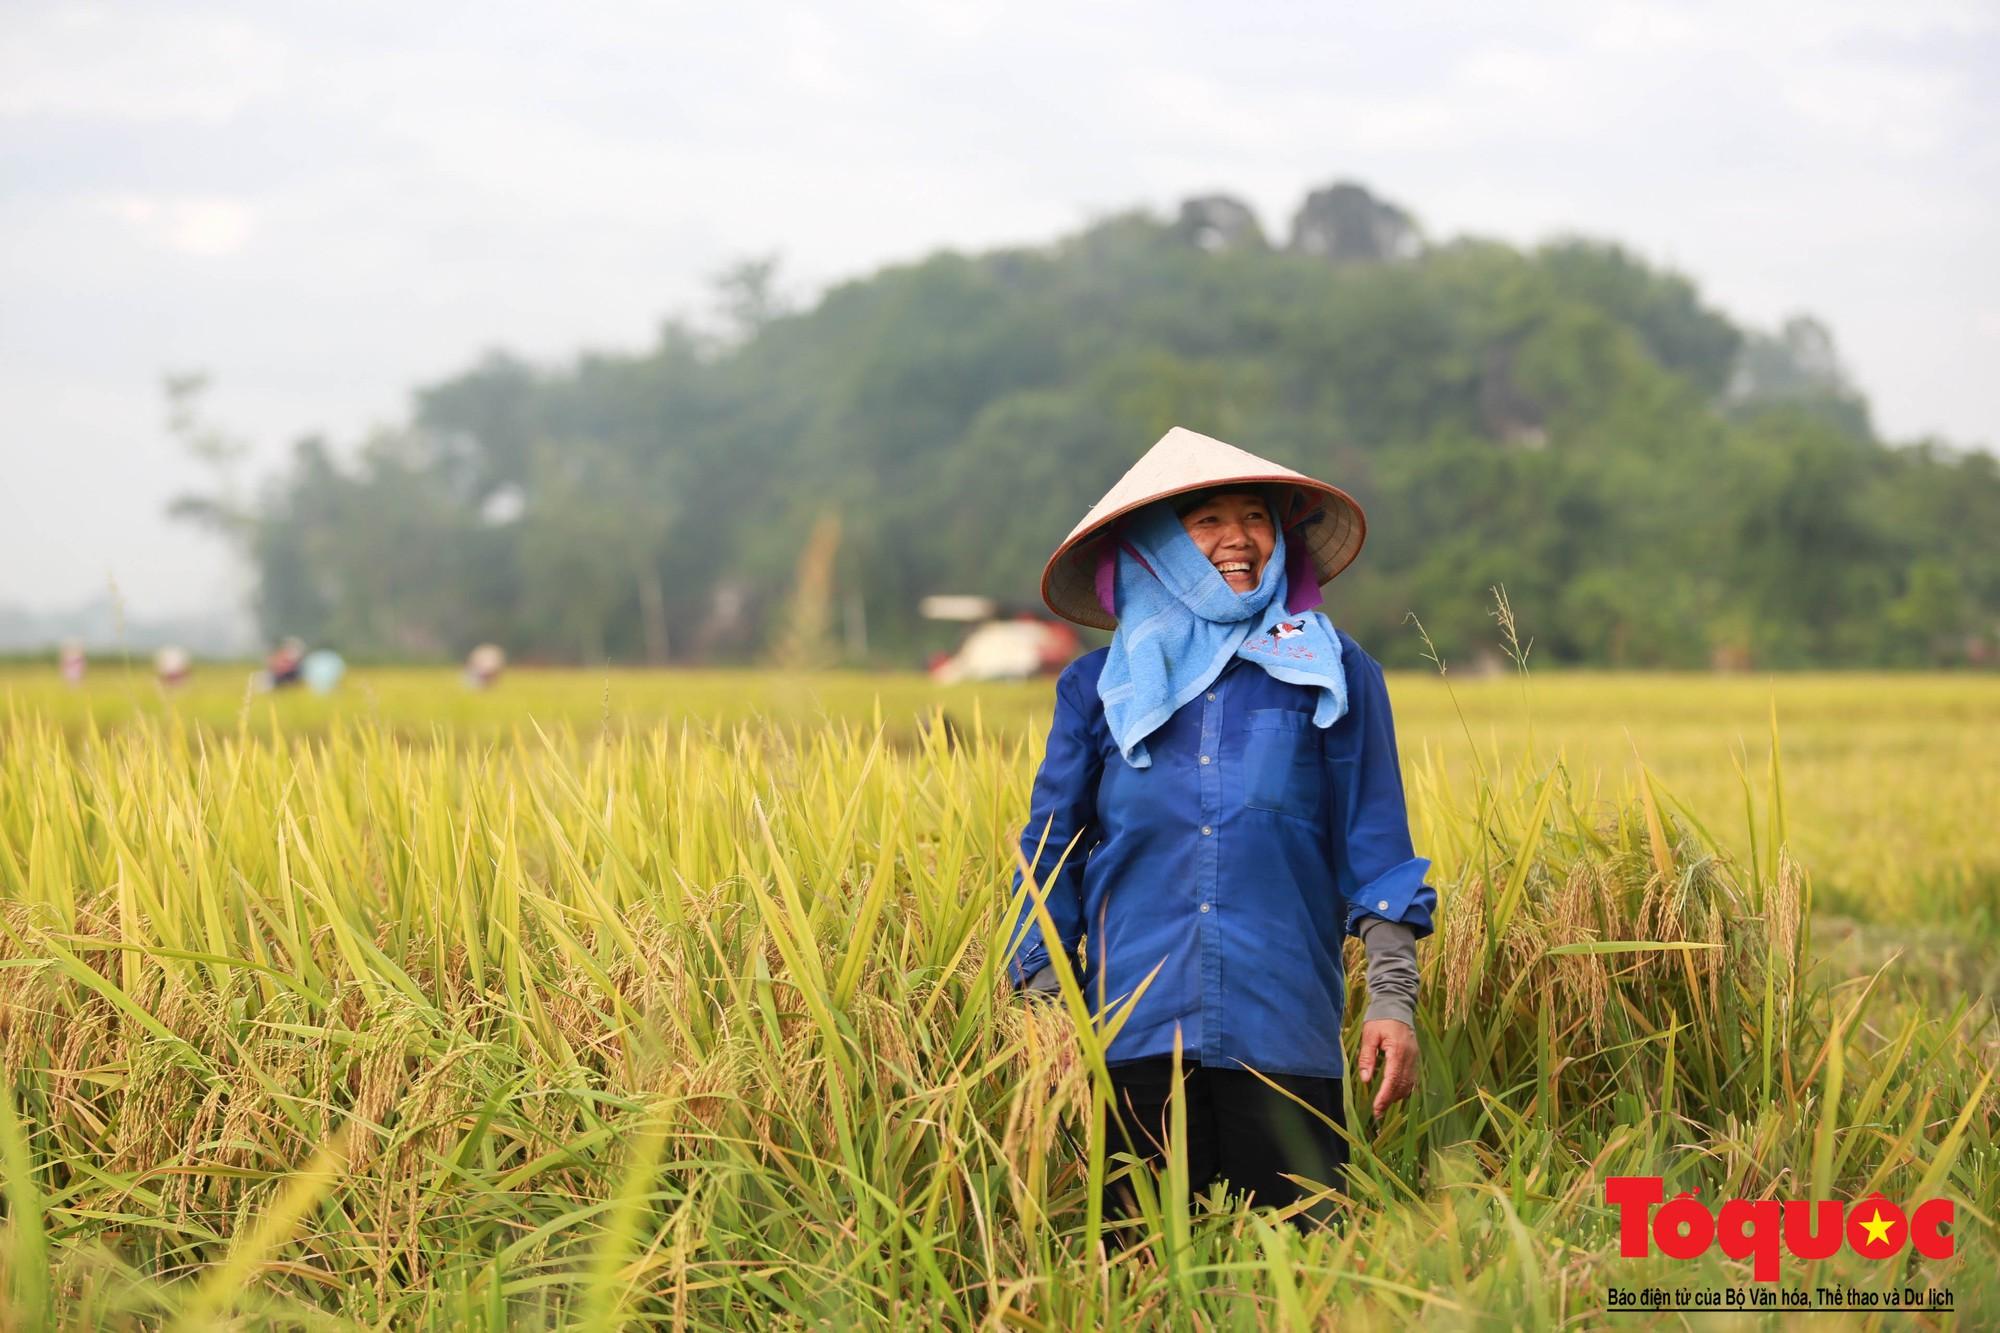 Bộ trưởng Nguyễn Xuân Cường: Nhìn lại thành quả vượt bậc của nông nghiệp Việt Nam với những con số ấn tượng nhất  - Ảnh 5.